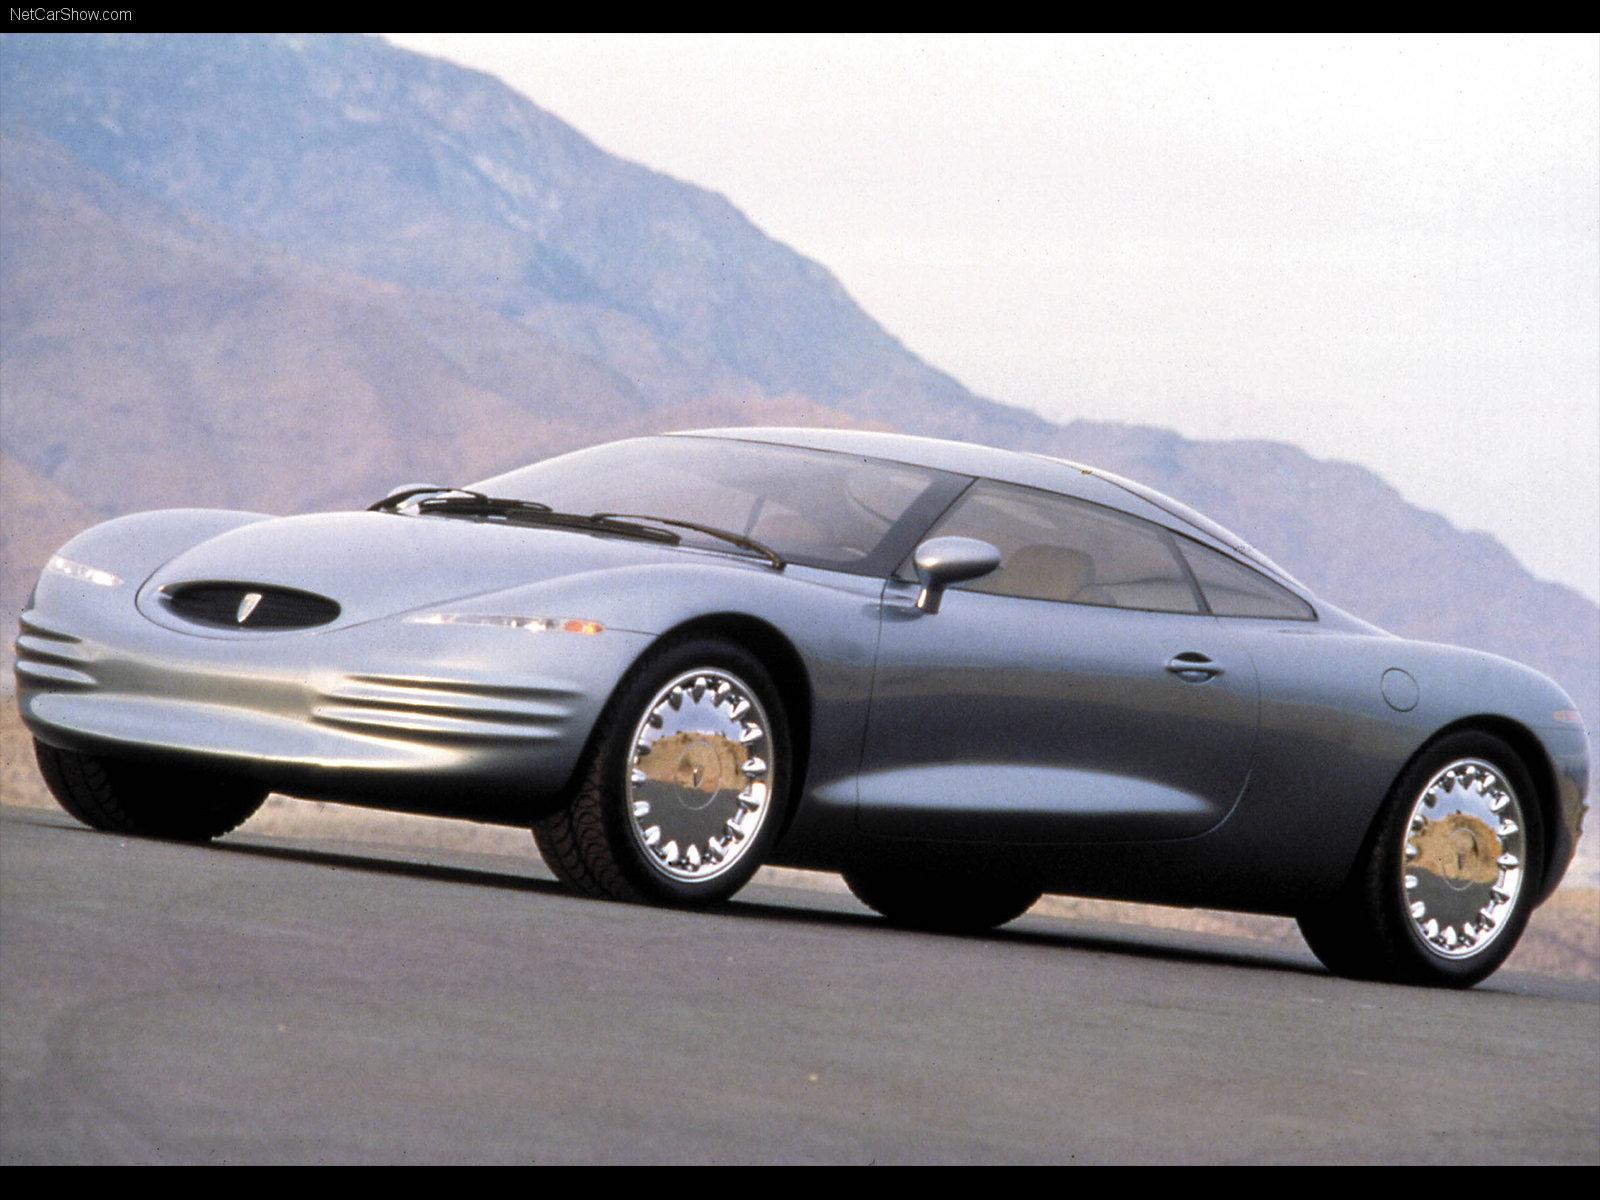 Hình ảnh xe ô tô Chrysler Thunderbolt Concept 1993 & nội ngoại thất